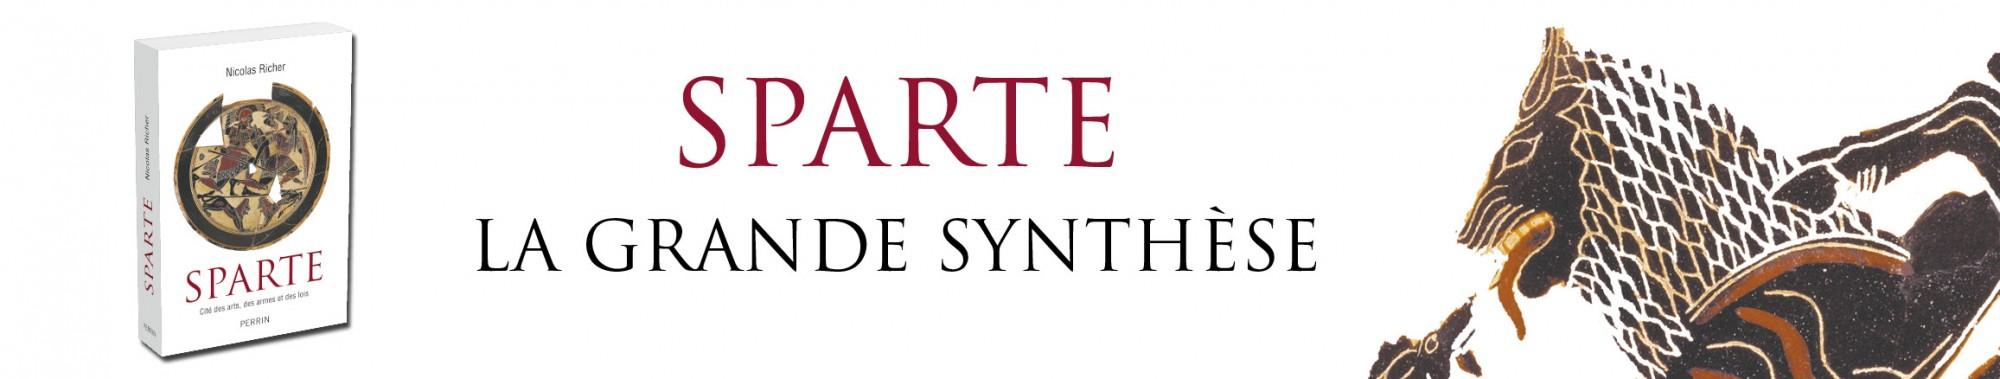 1803079 Sparte